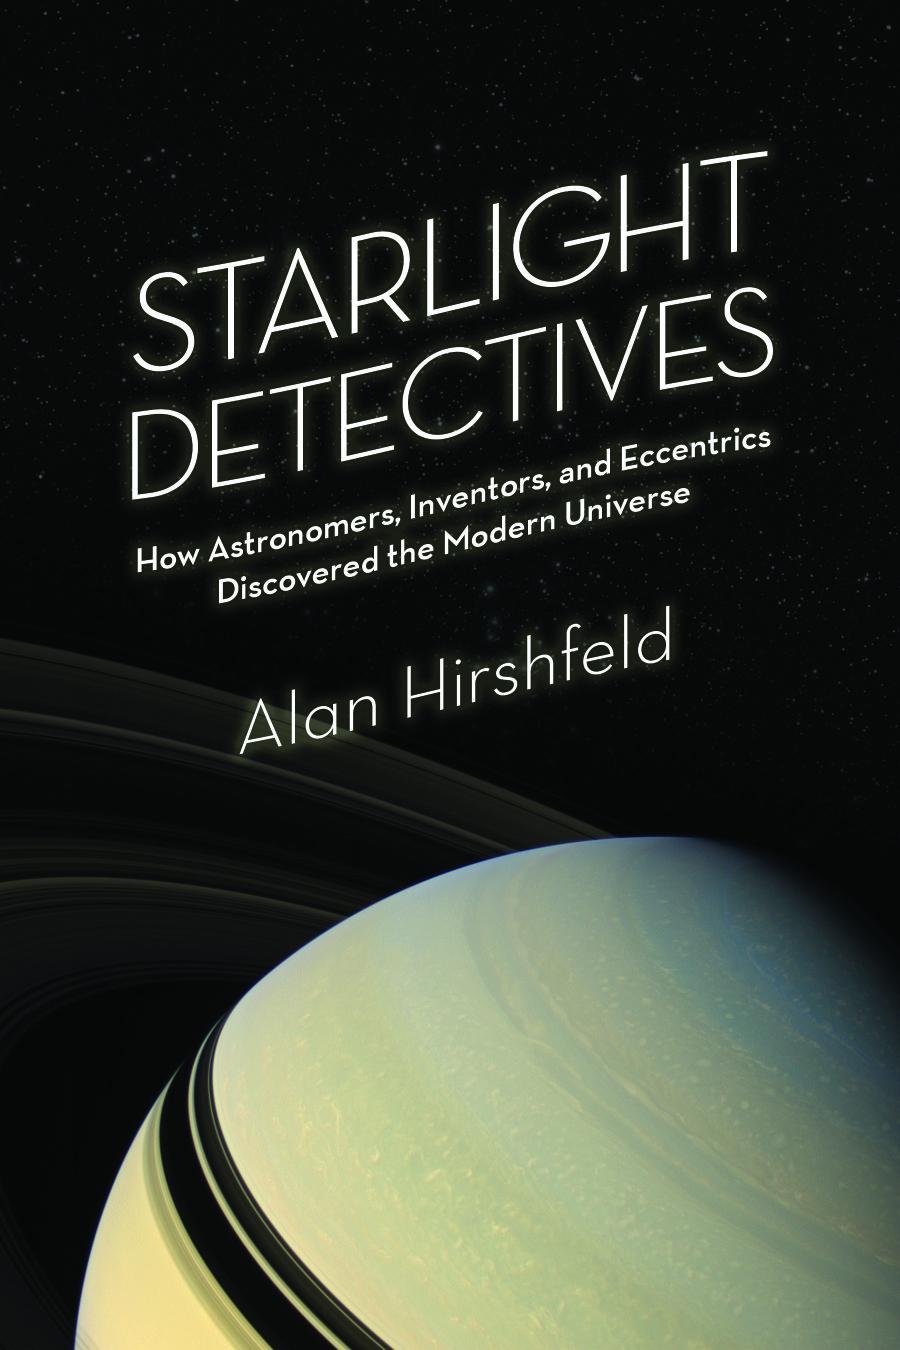 blp-starlight-detectives